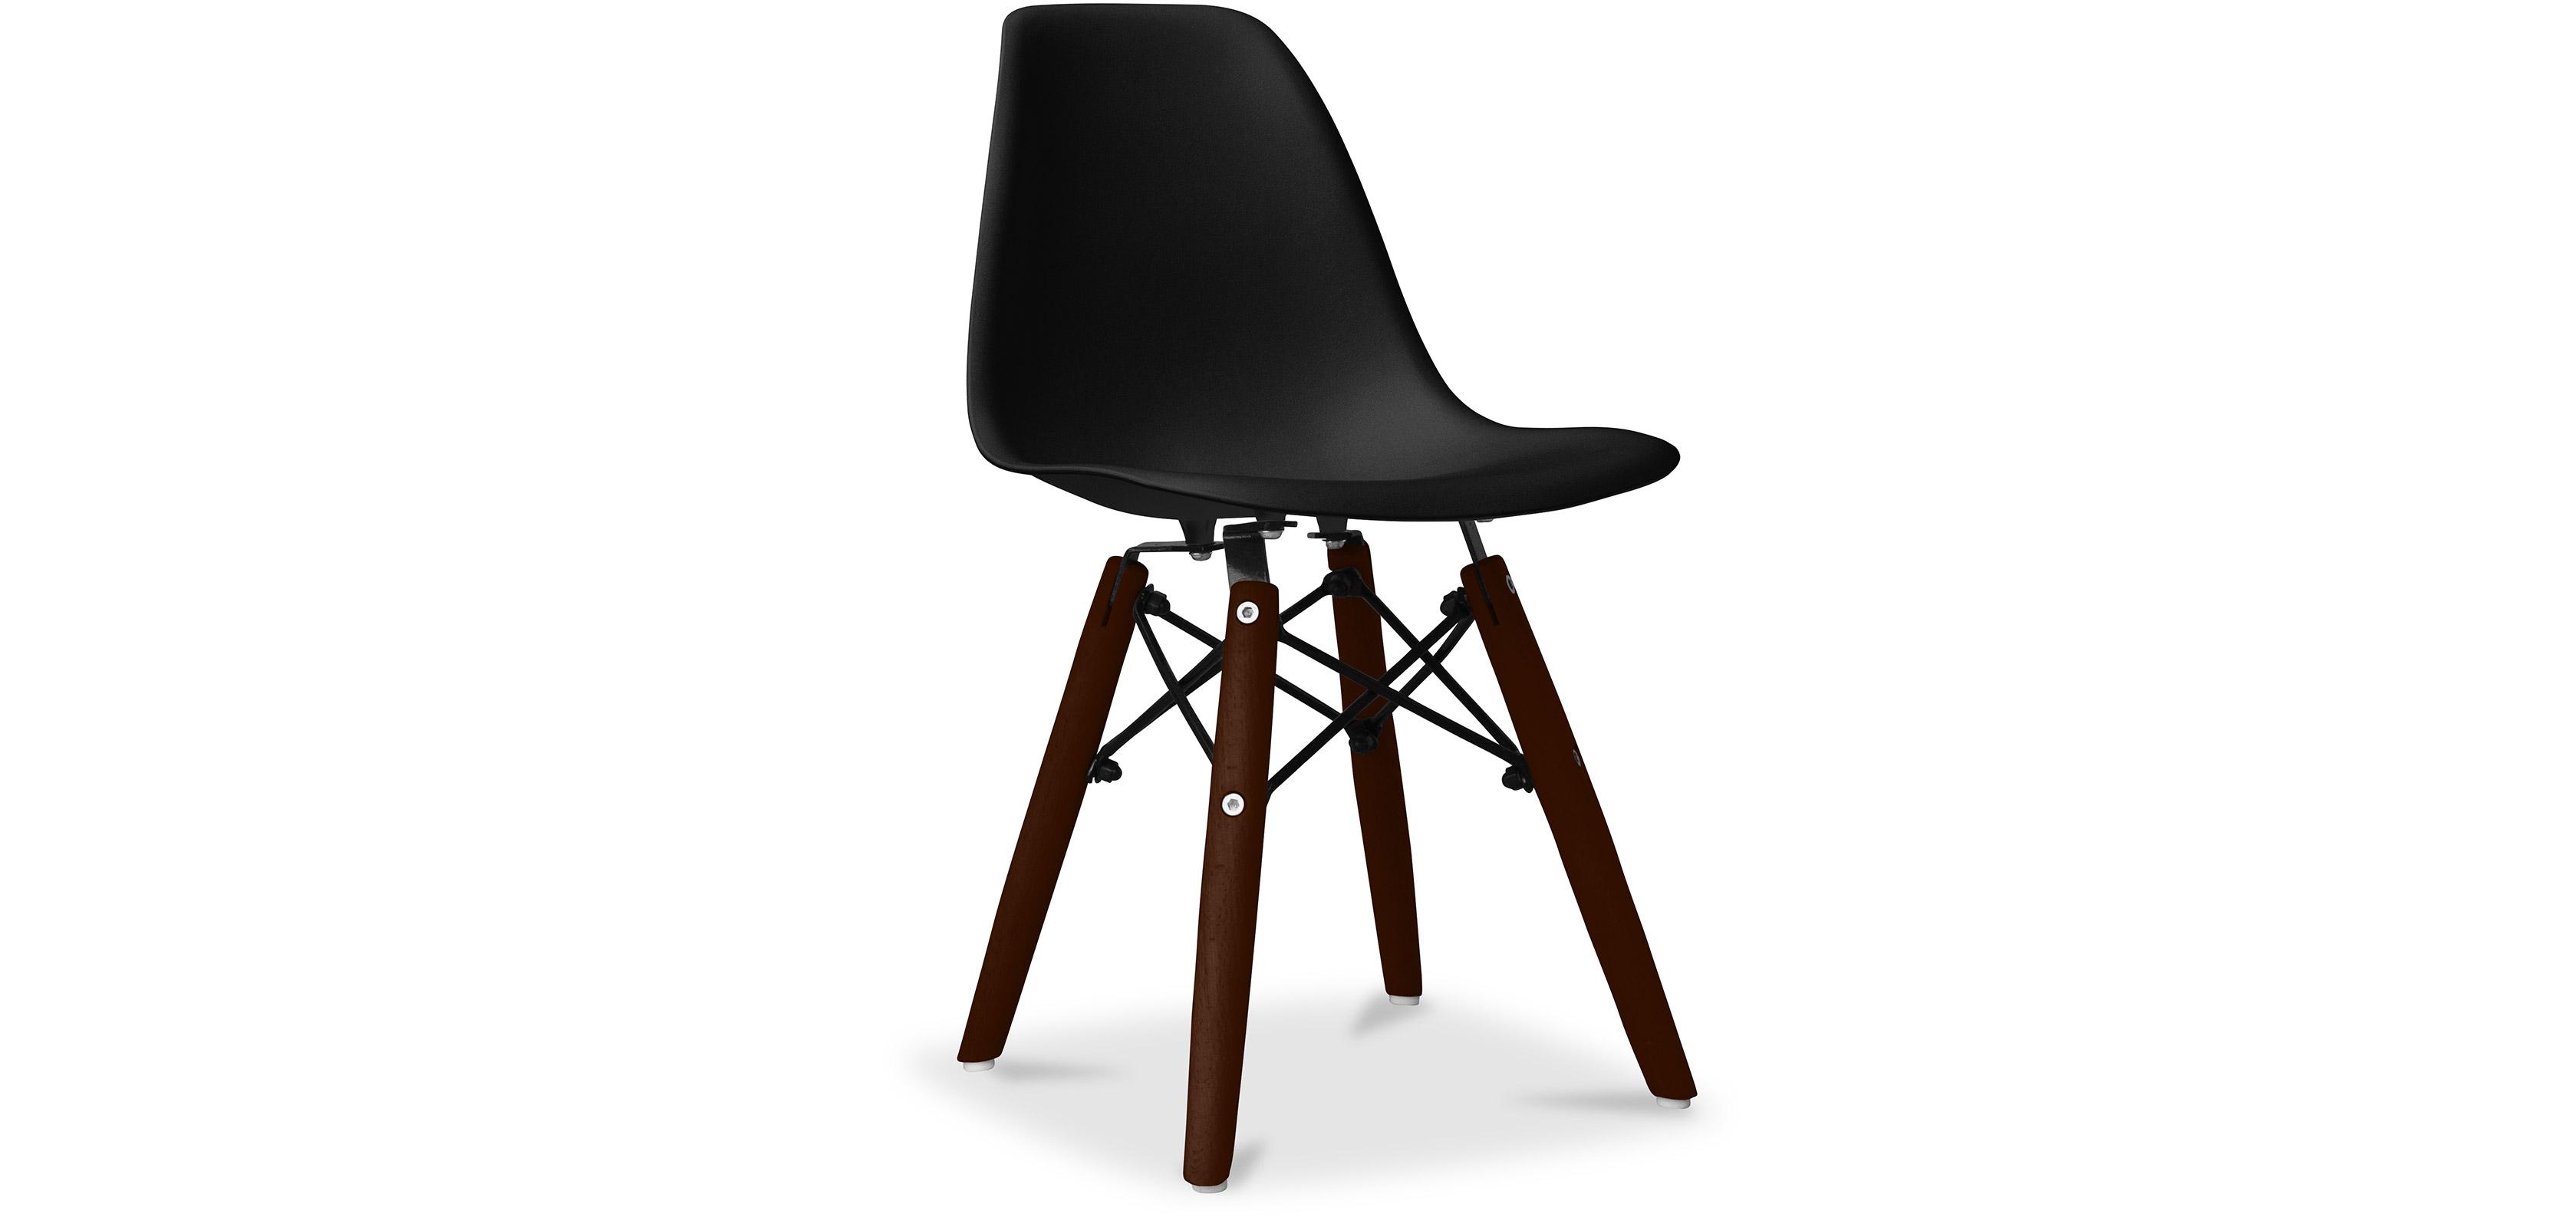 Eames chair kinder awesome vintage childrens barbers chair s with eames chair kinder beautiful - Stuhl fur kinder ...